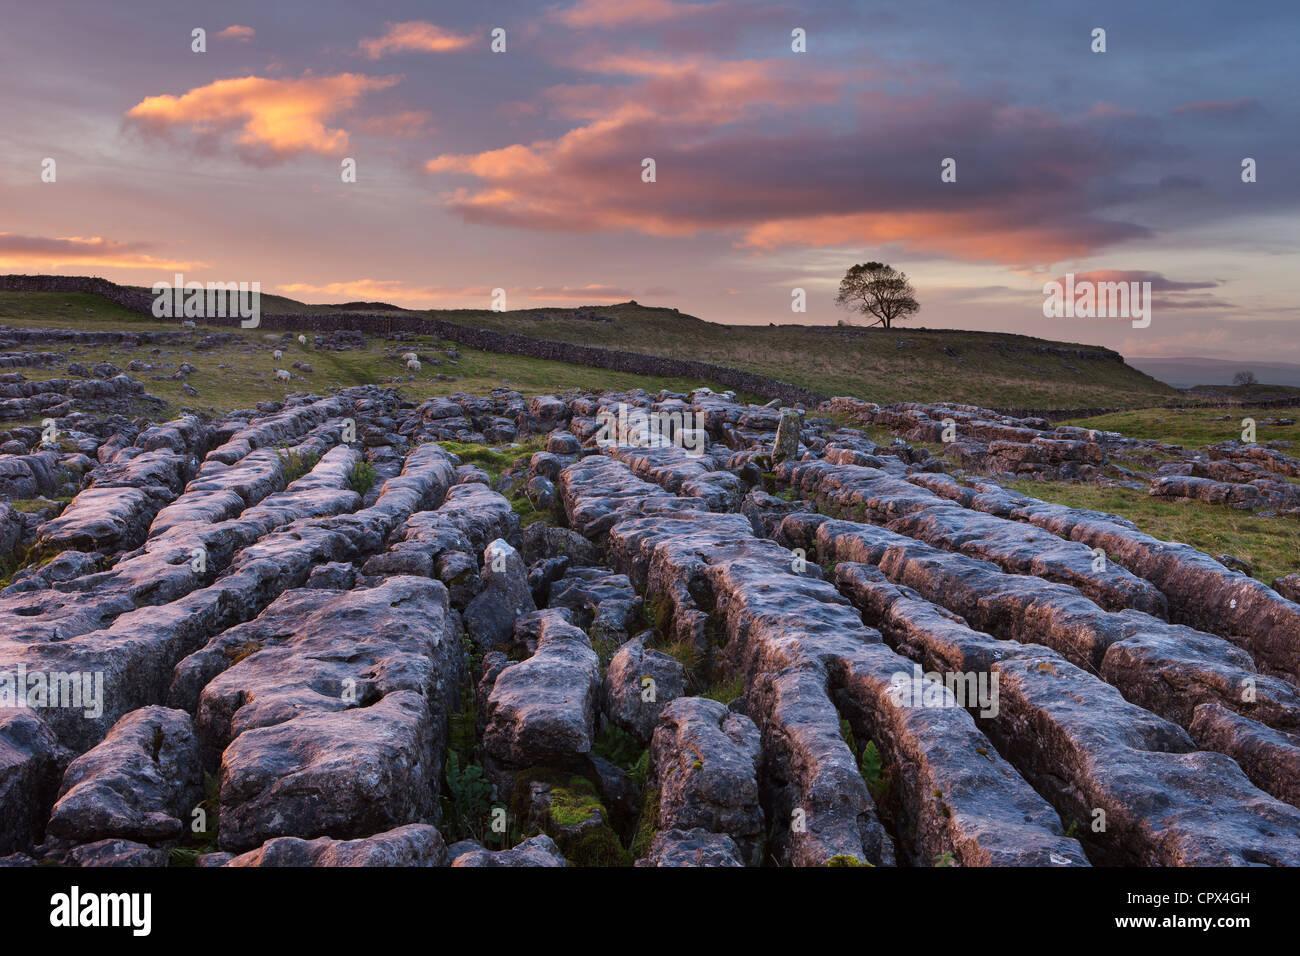 Una pavimentazione di pietra calcarea su Malham Moor all'alba, Yorkshire Dales, England, Regno Unito Immagini Stock